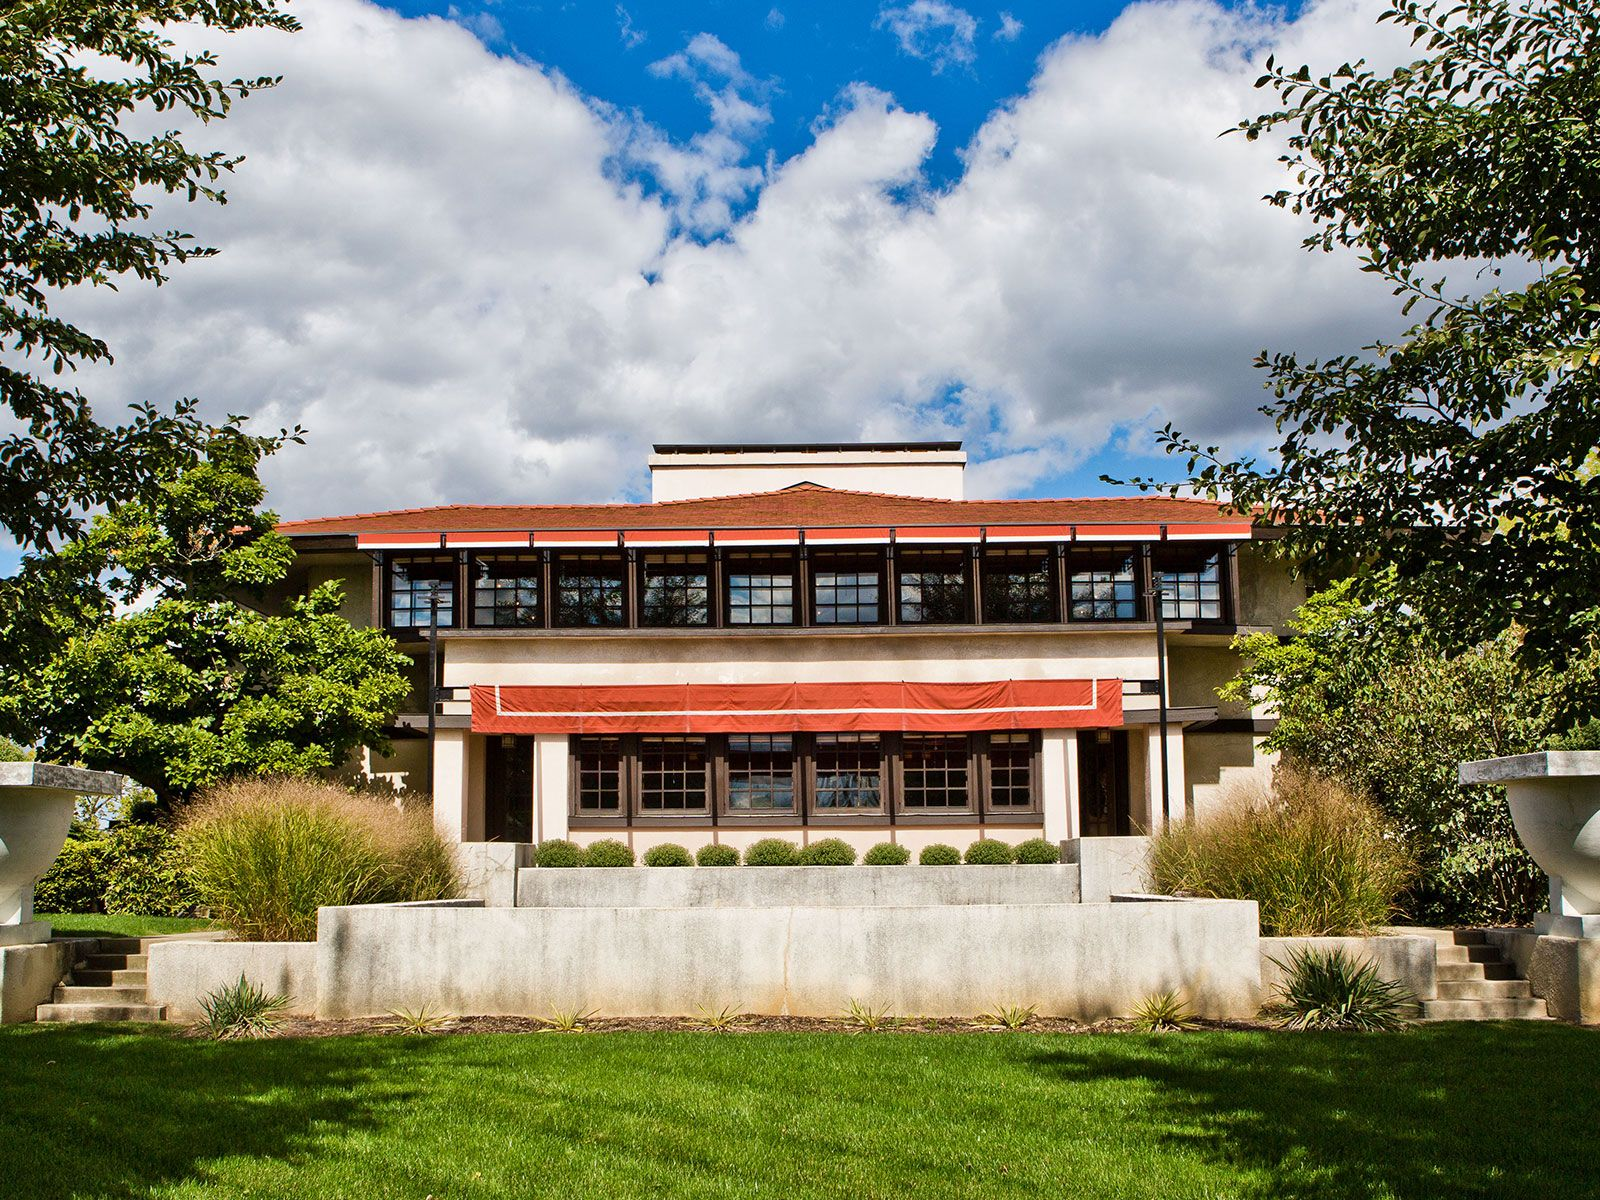 The Westcott House Flw Ohio Ohio 2018 Frank Lloyd Wright